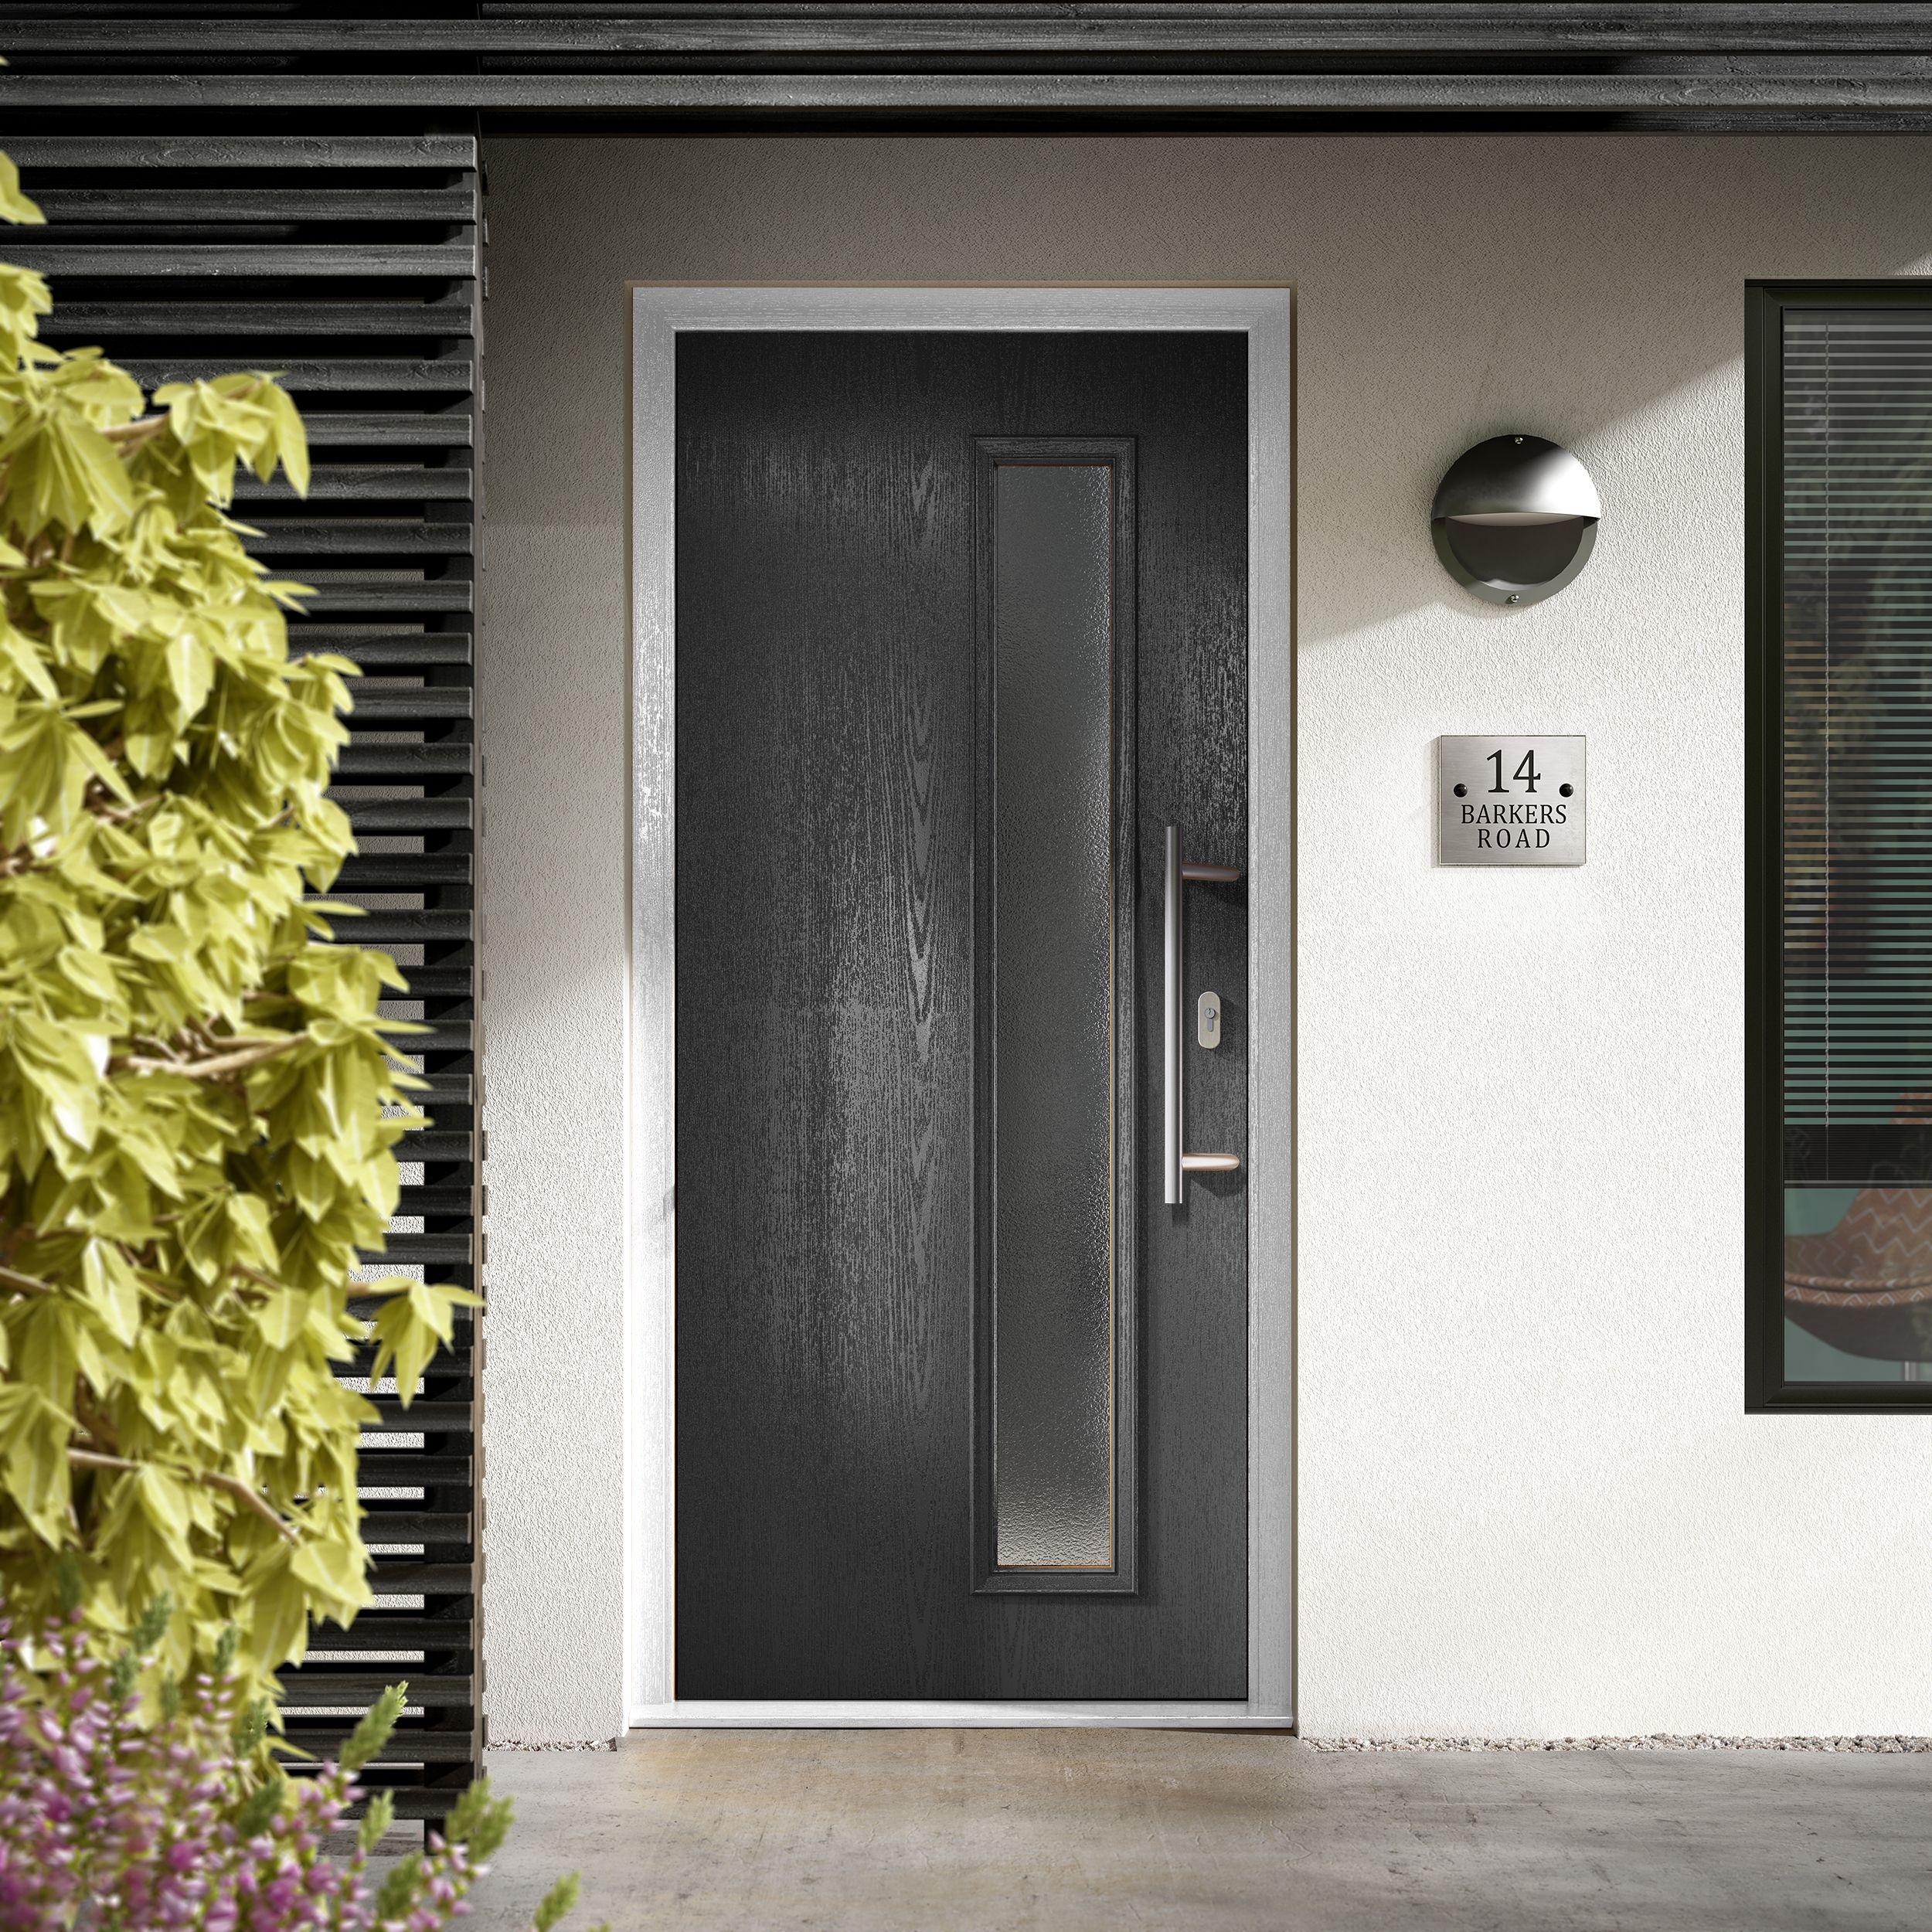 Synseal composite door; The Shardlow #highsealmanufacturing #highseal #highsealfsg #doors #NorthLincolnshire #compositedoors & Synseal composite door; The Shardlow #highsealmanufacturing ...